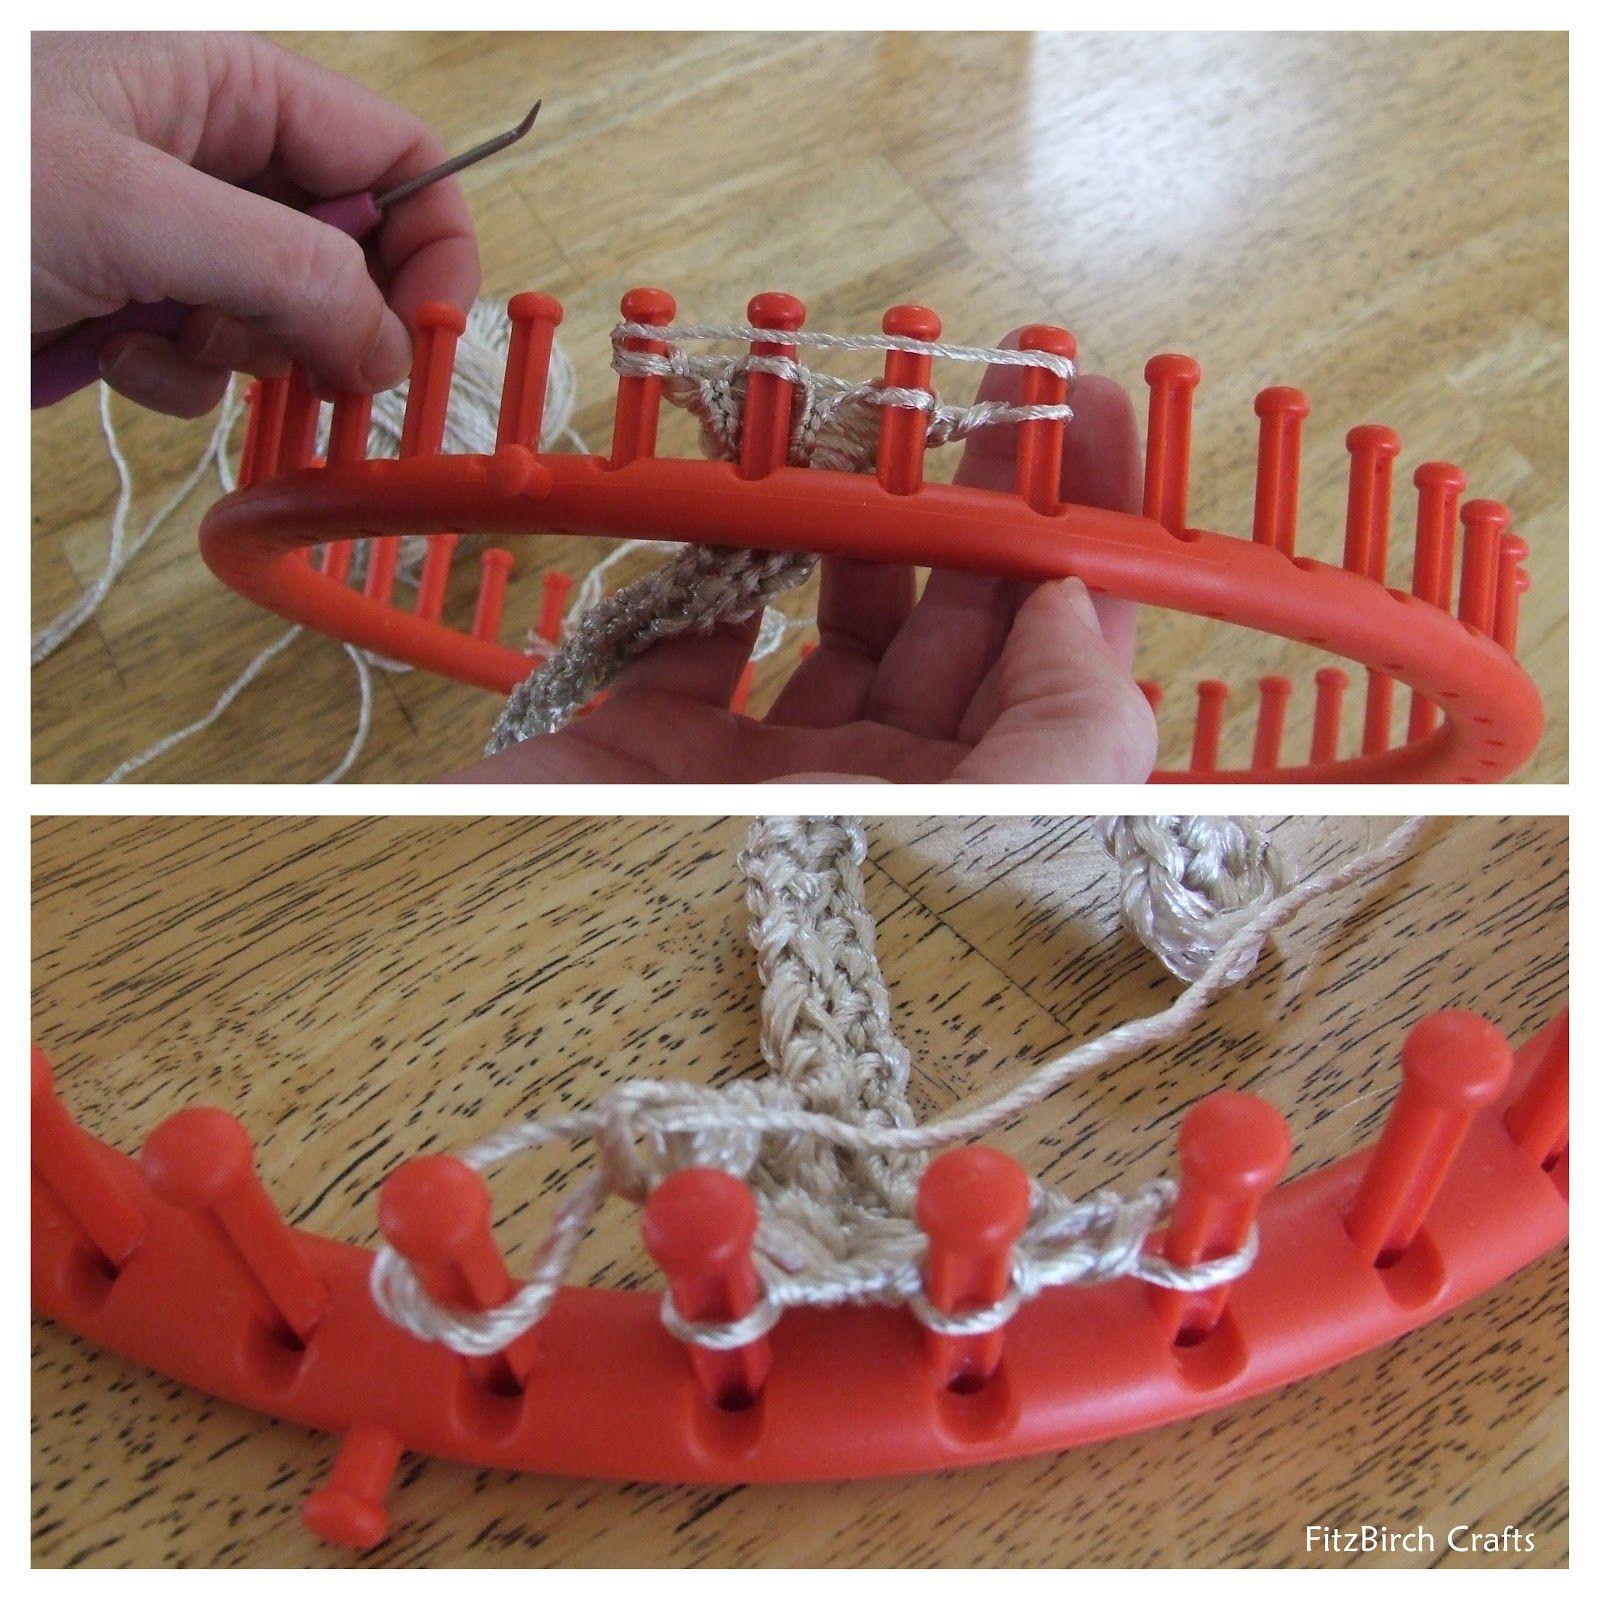 FitzBirch Crafts: Loom Knit Market bag | Telar | Pinterest | Craft ...